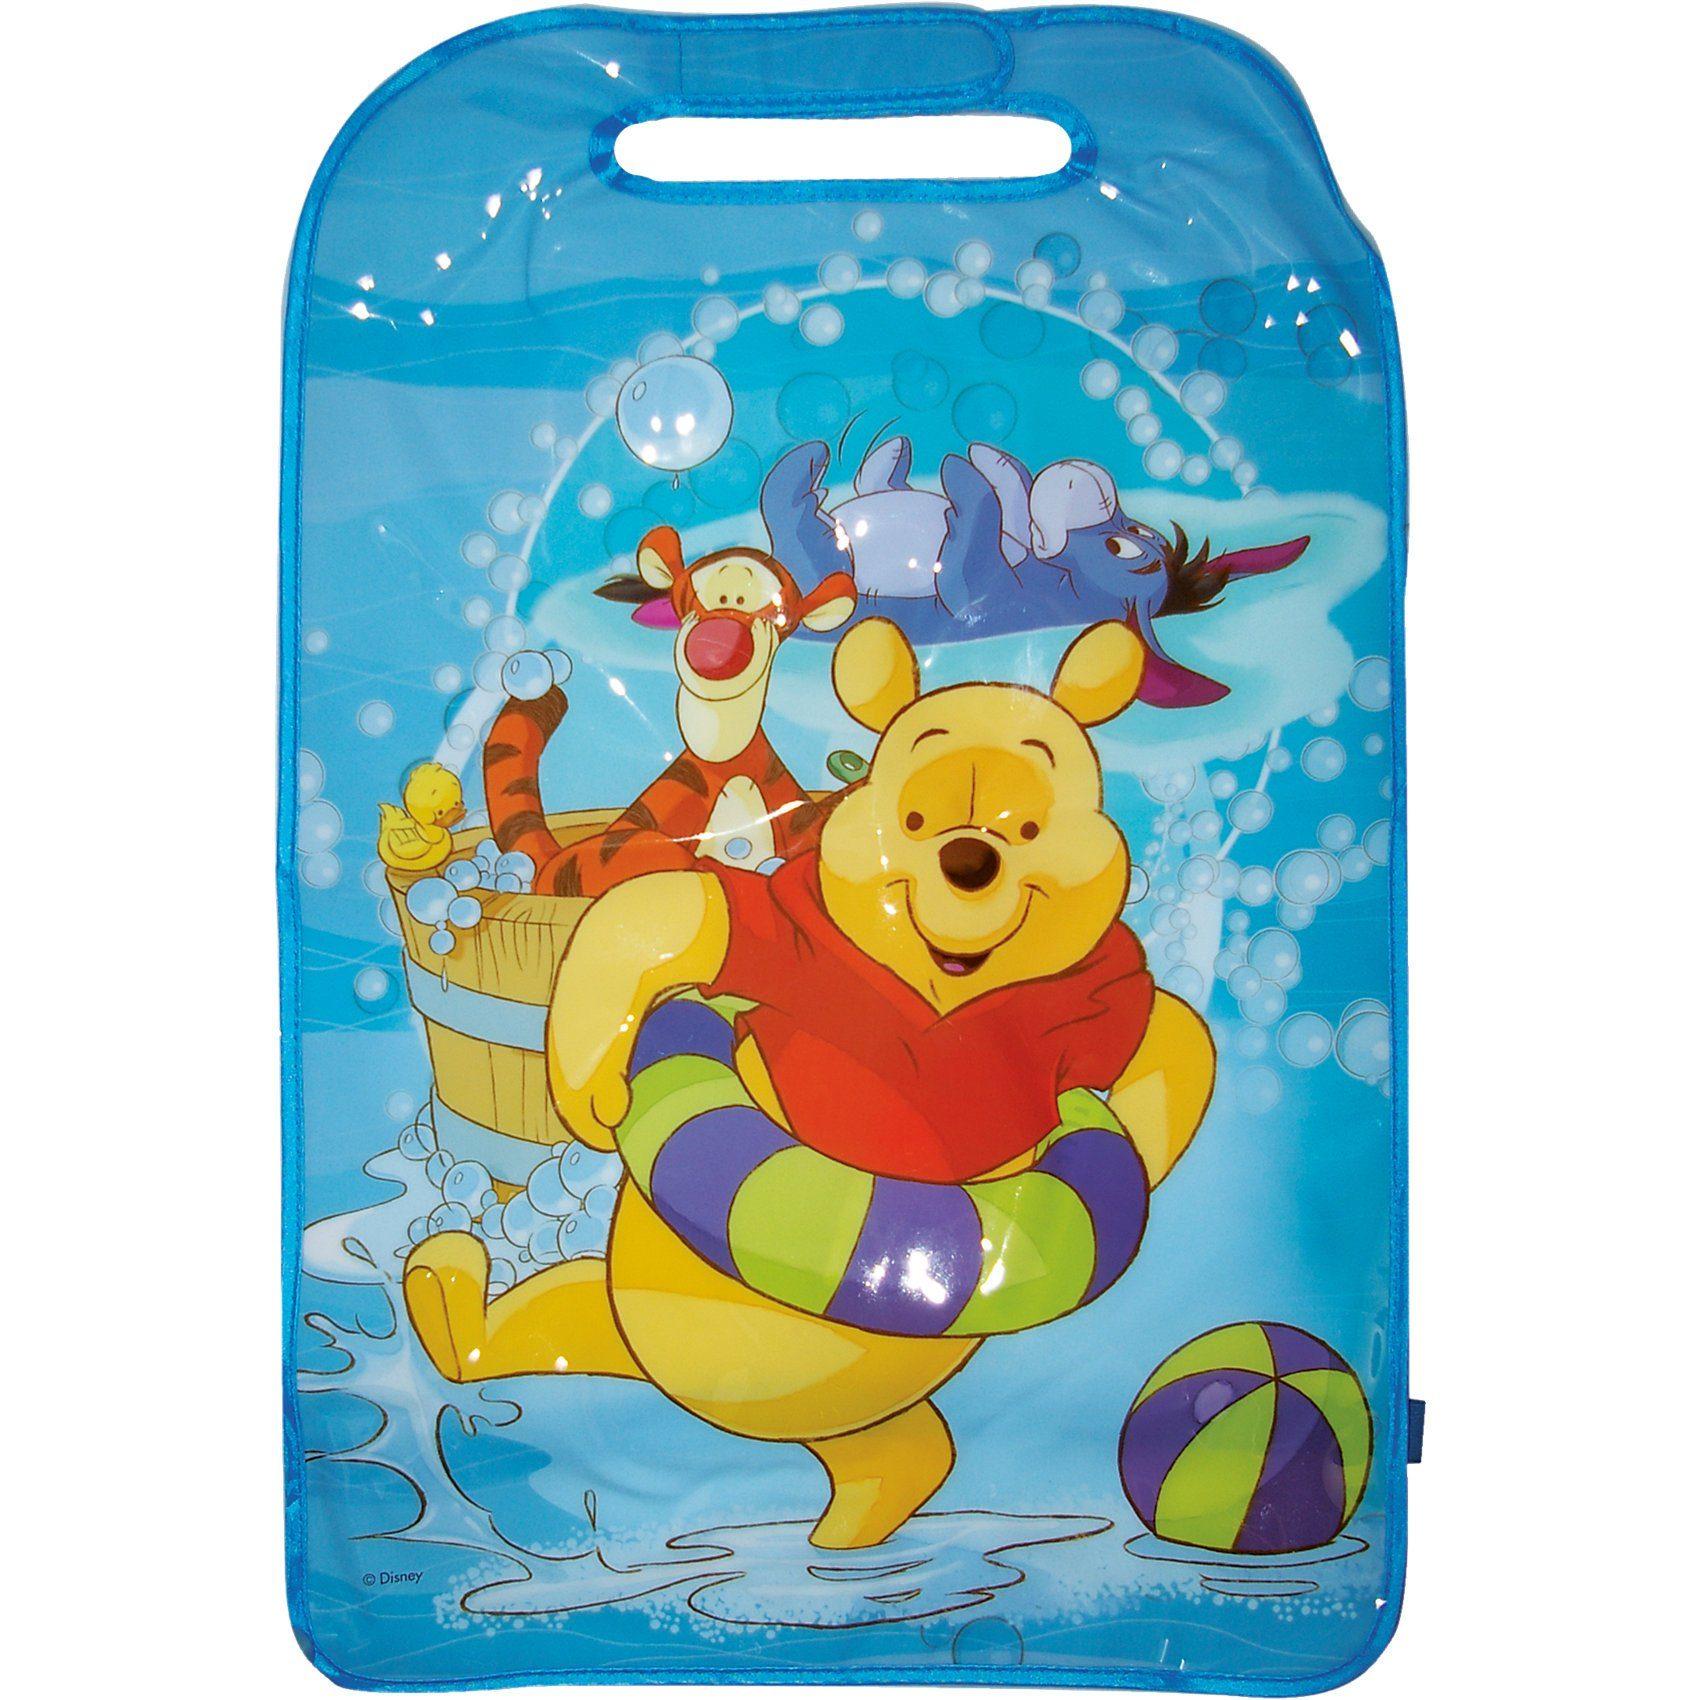 Kaufmann Auto-Rückenlehnenschutz, Winnie the Pooh